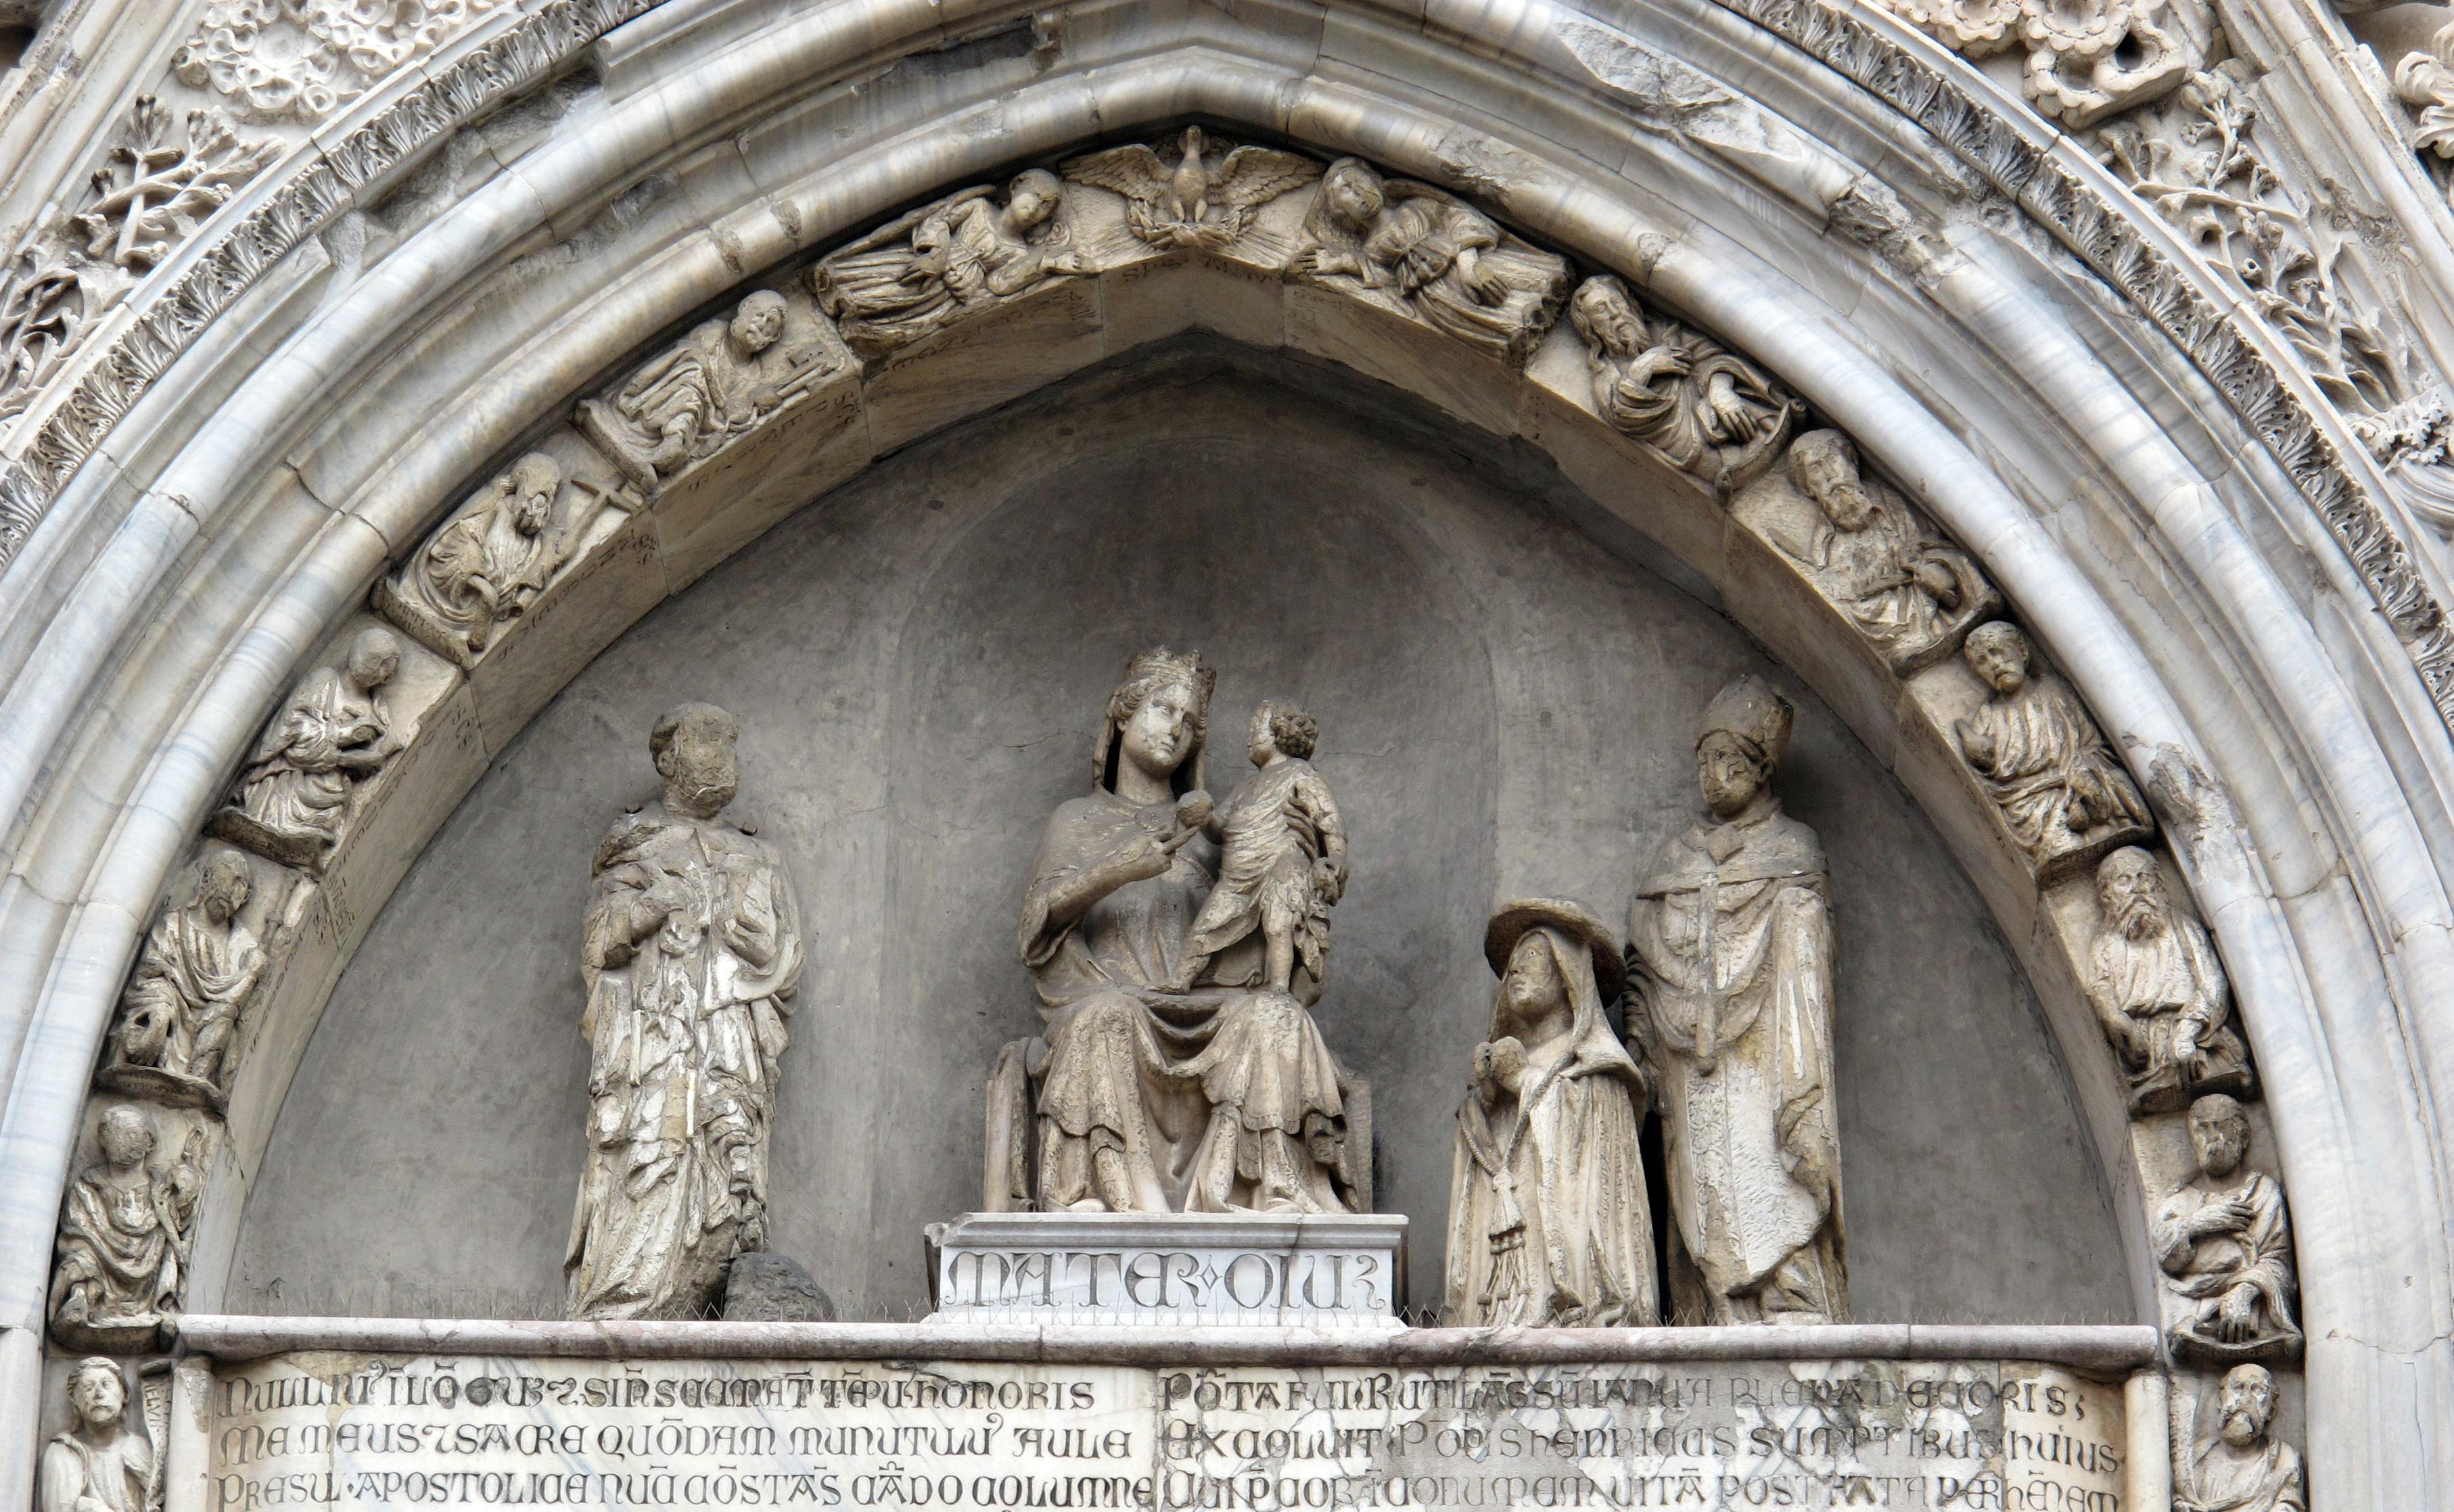 https://upload.wikimedia.org/wikipedia/commons/2/2b/Tino_di_camaino%2C_lunetta_centrale_del_duomo_di_napoli%2C_con_santi_e_cardinale_di_antonio_baboccio%2C_01.JPG